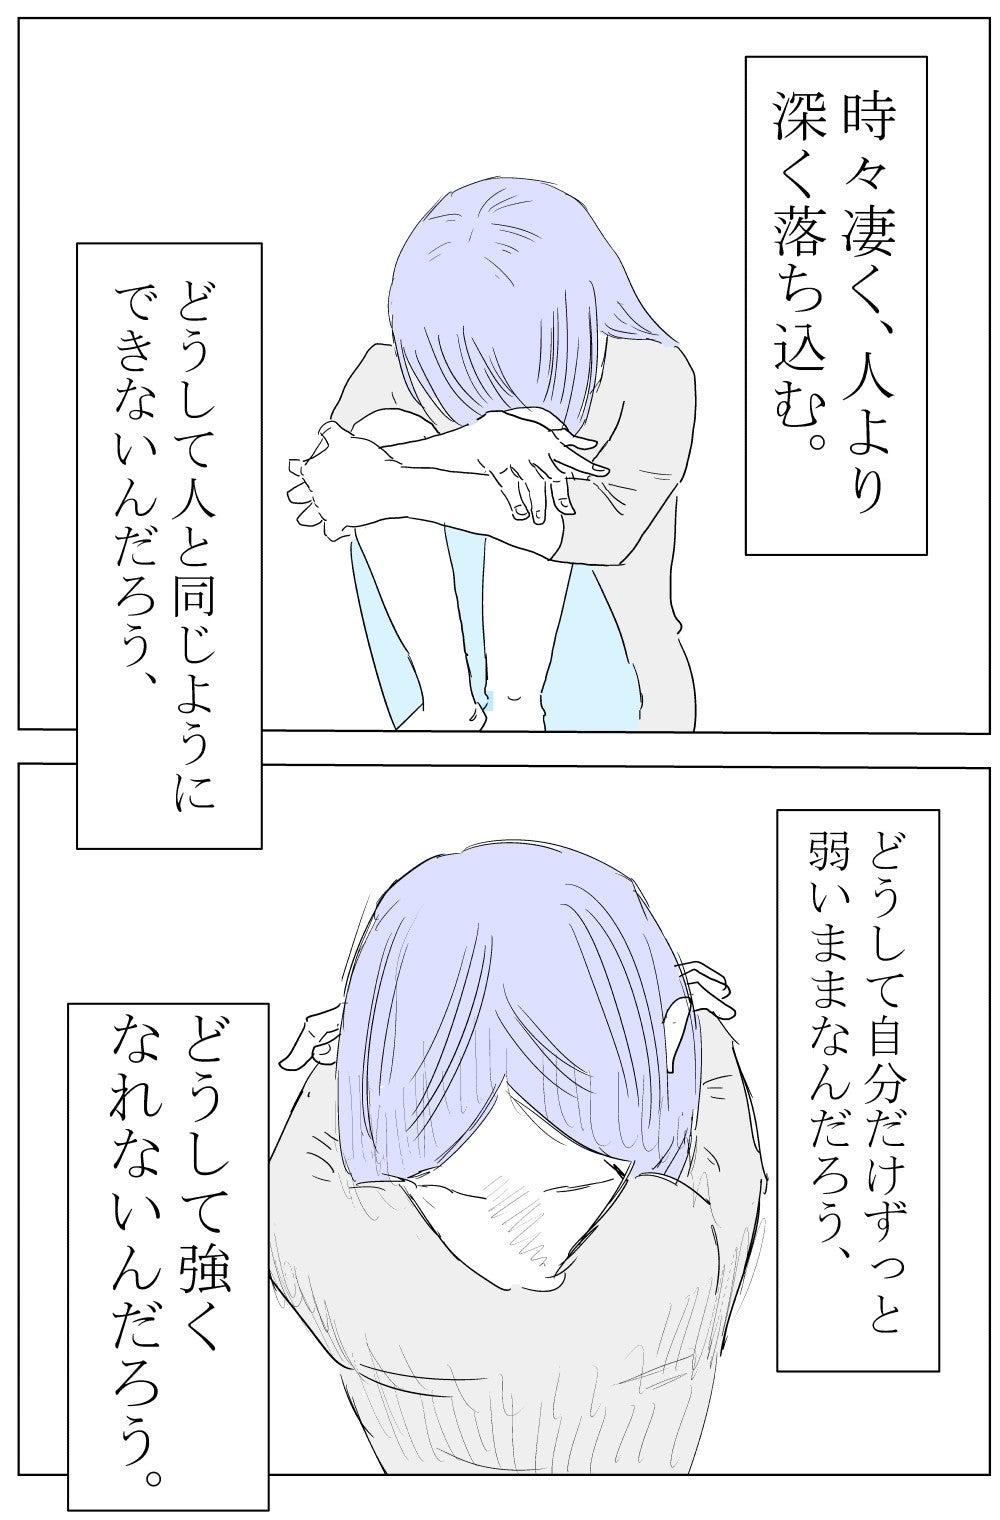 ちーちゃん102-1-2